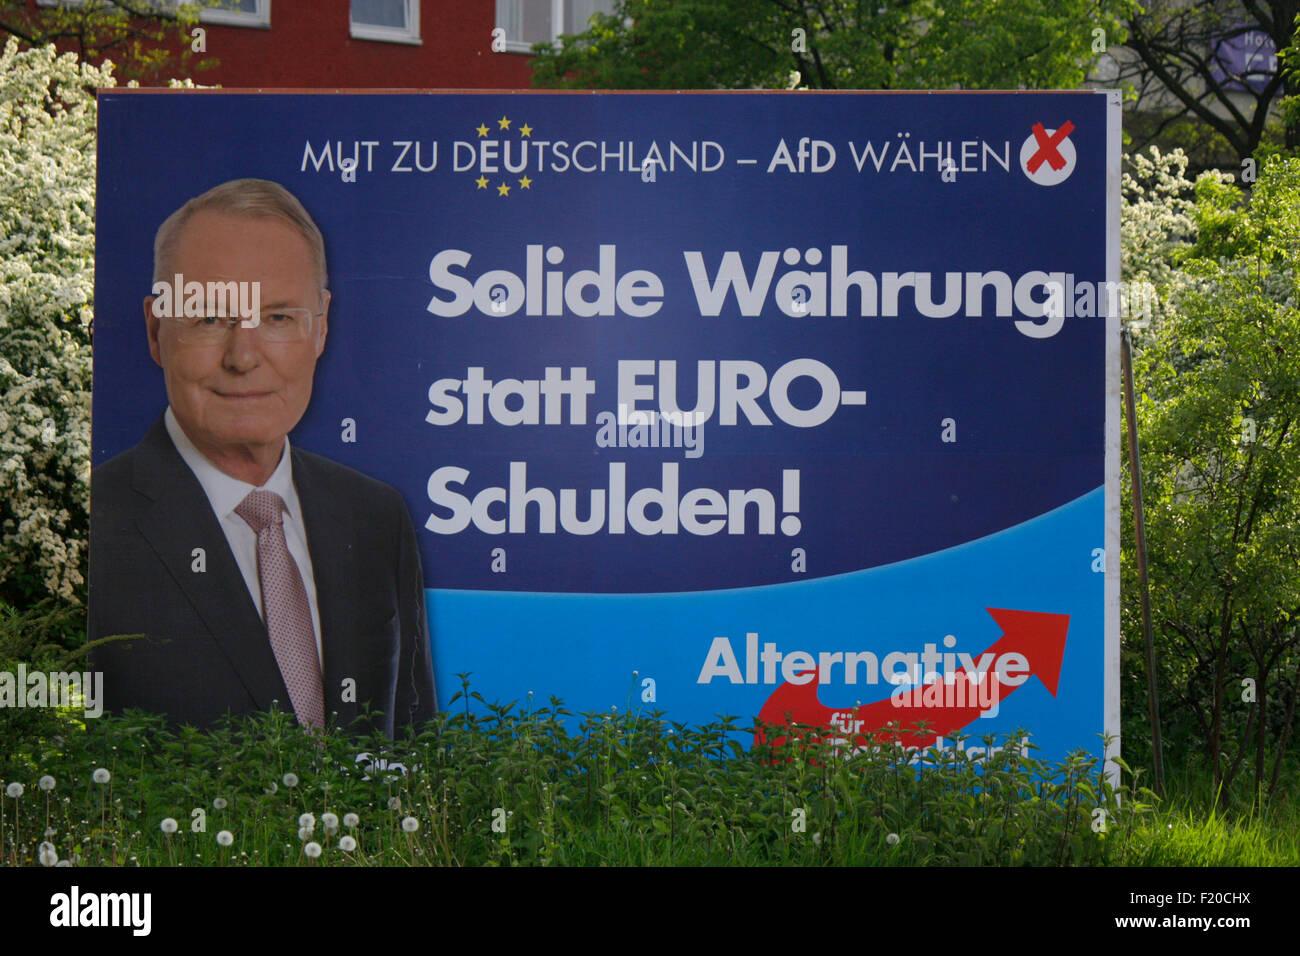 'Solide' Waehrung statt Euro Schulden, Olaf Henkel, Alternative für Deutschland - Wahlplakate zur Europawahl Photo Stock